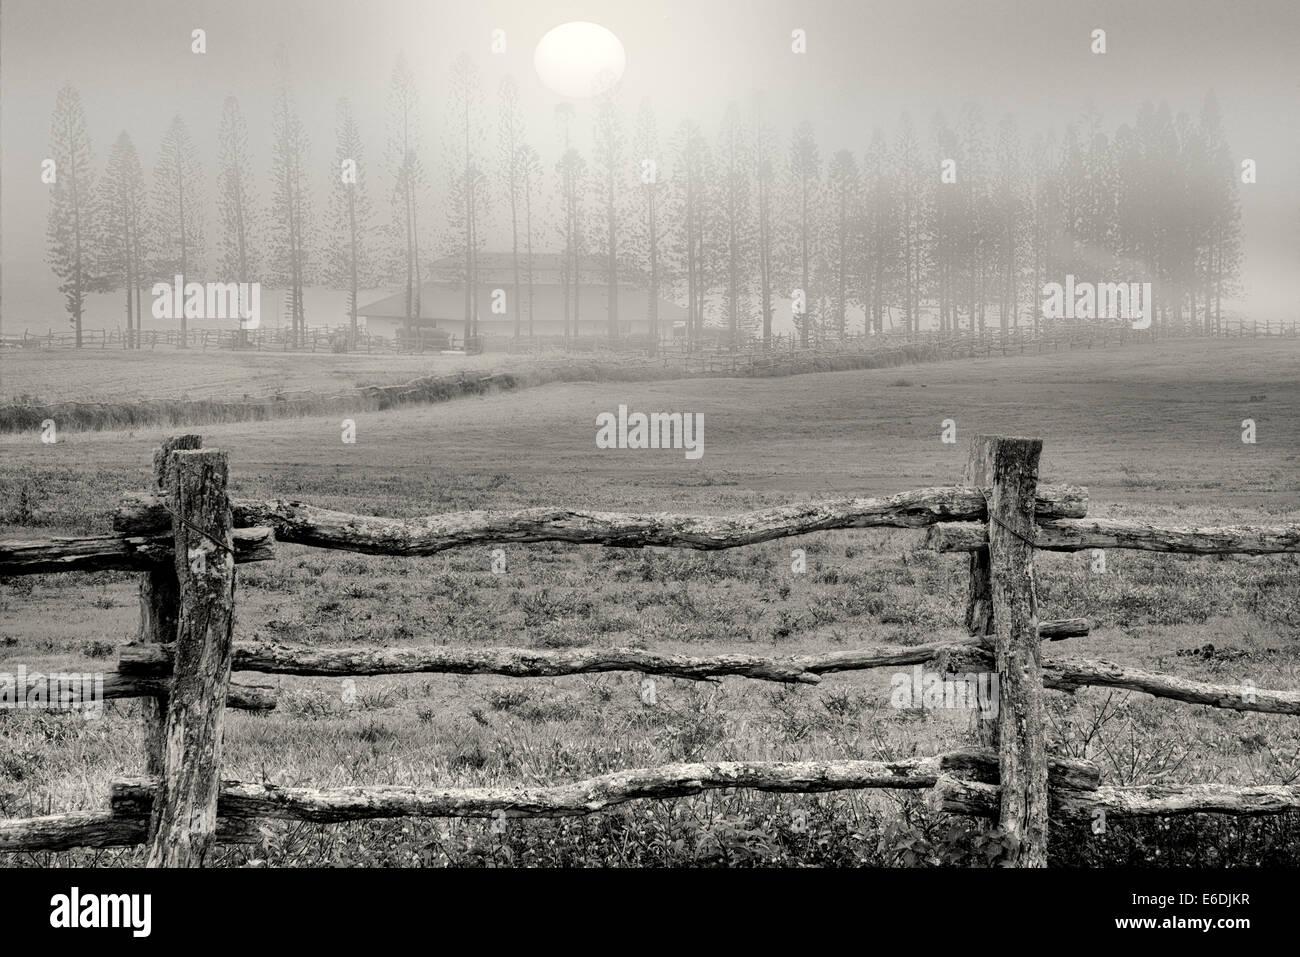 Zaun Weide und Cook Kiefern im Nebel mit Scheune Stallungen am